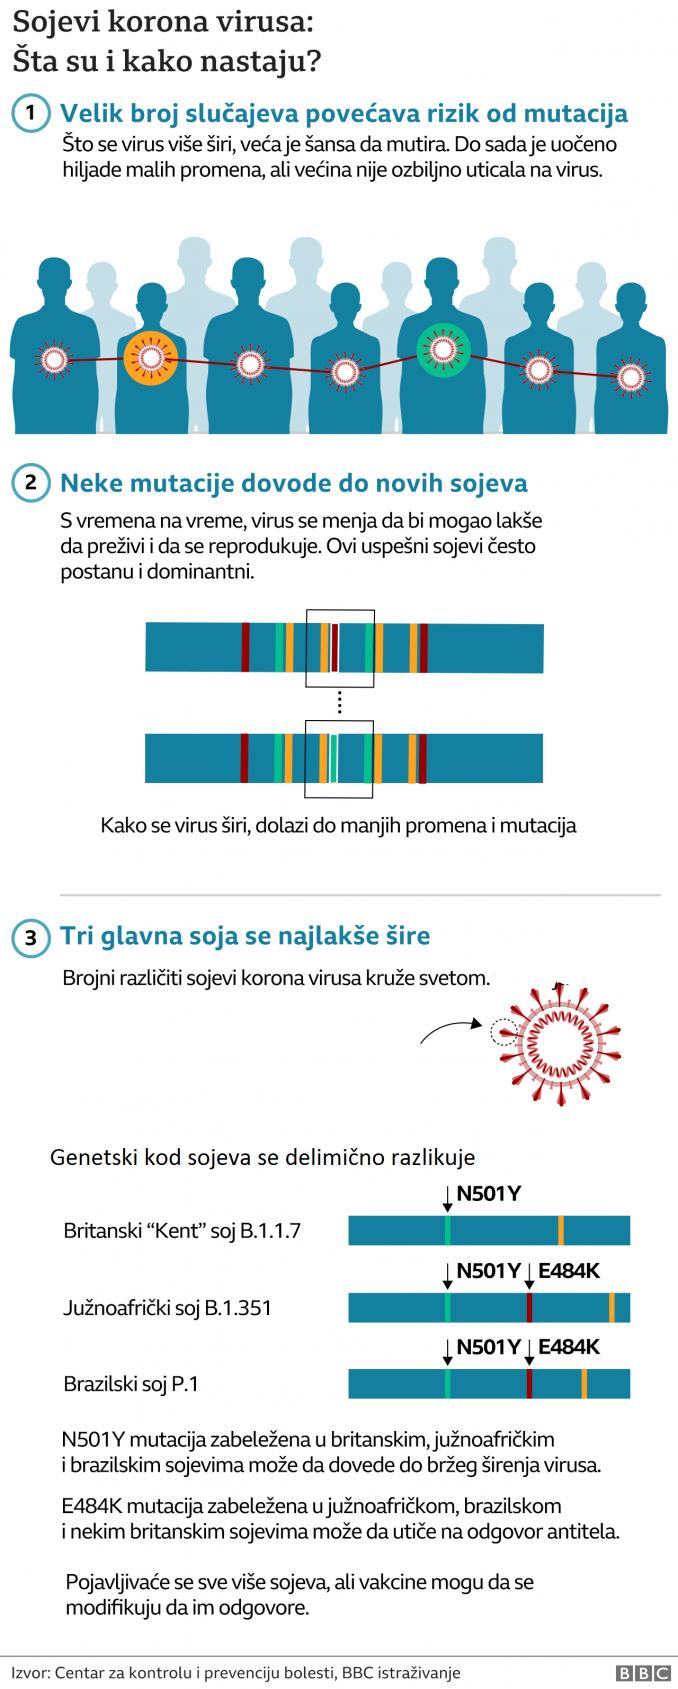 """Korona virus: Povratak bolnica u Srbiji u kovid sistem, Bolsonarova poruka Brazilcima - """"Prestanite da kukate"""" 3"""